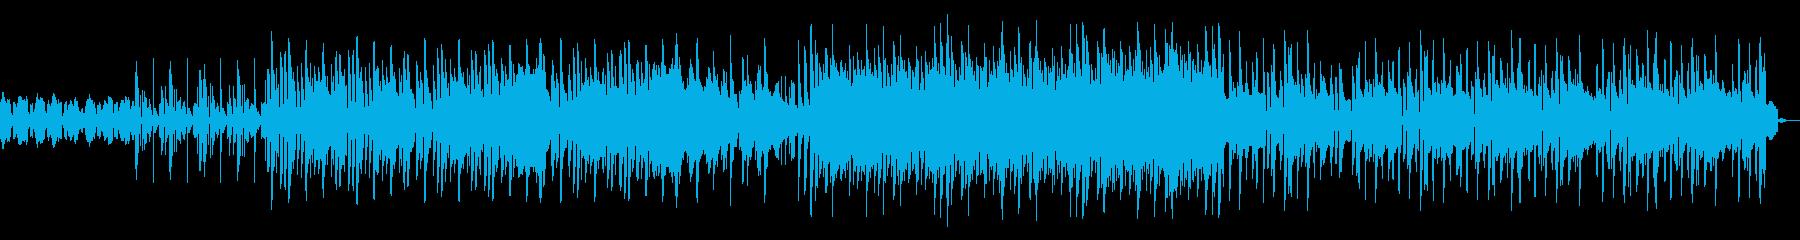 DubStep  Track 01の再生済みの波形